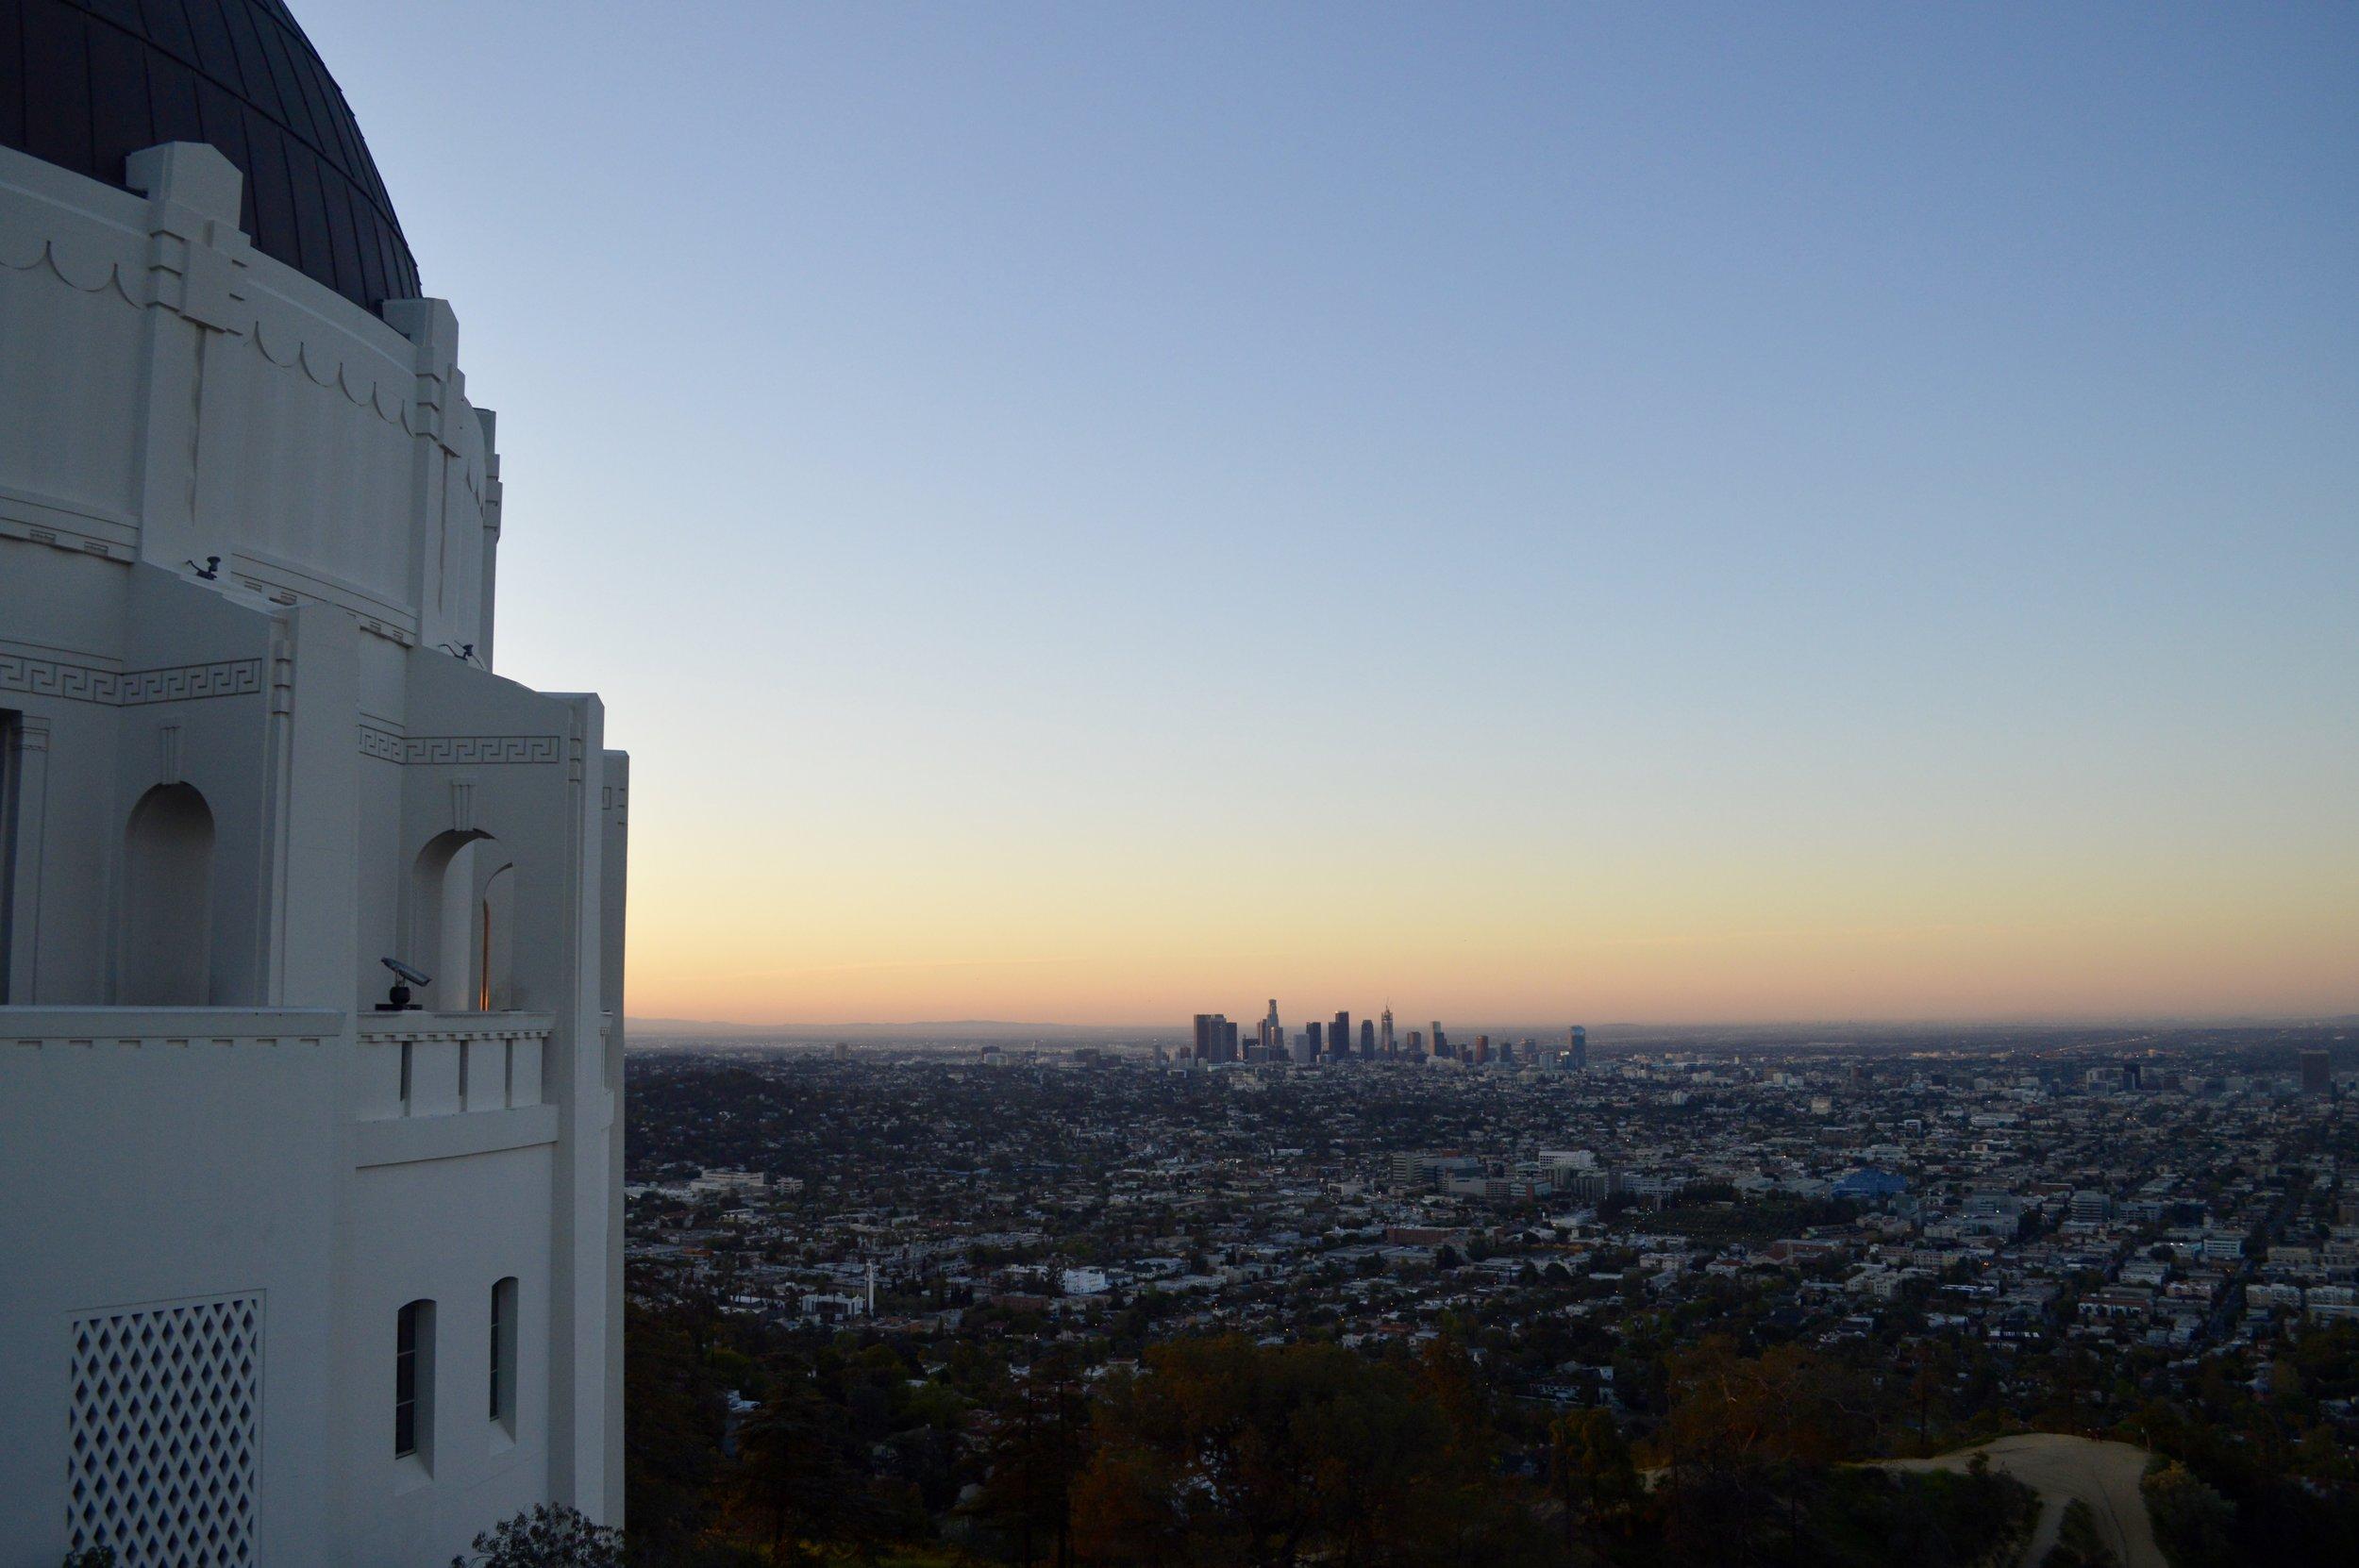 Los Angeles - Wedding venues in La La Land